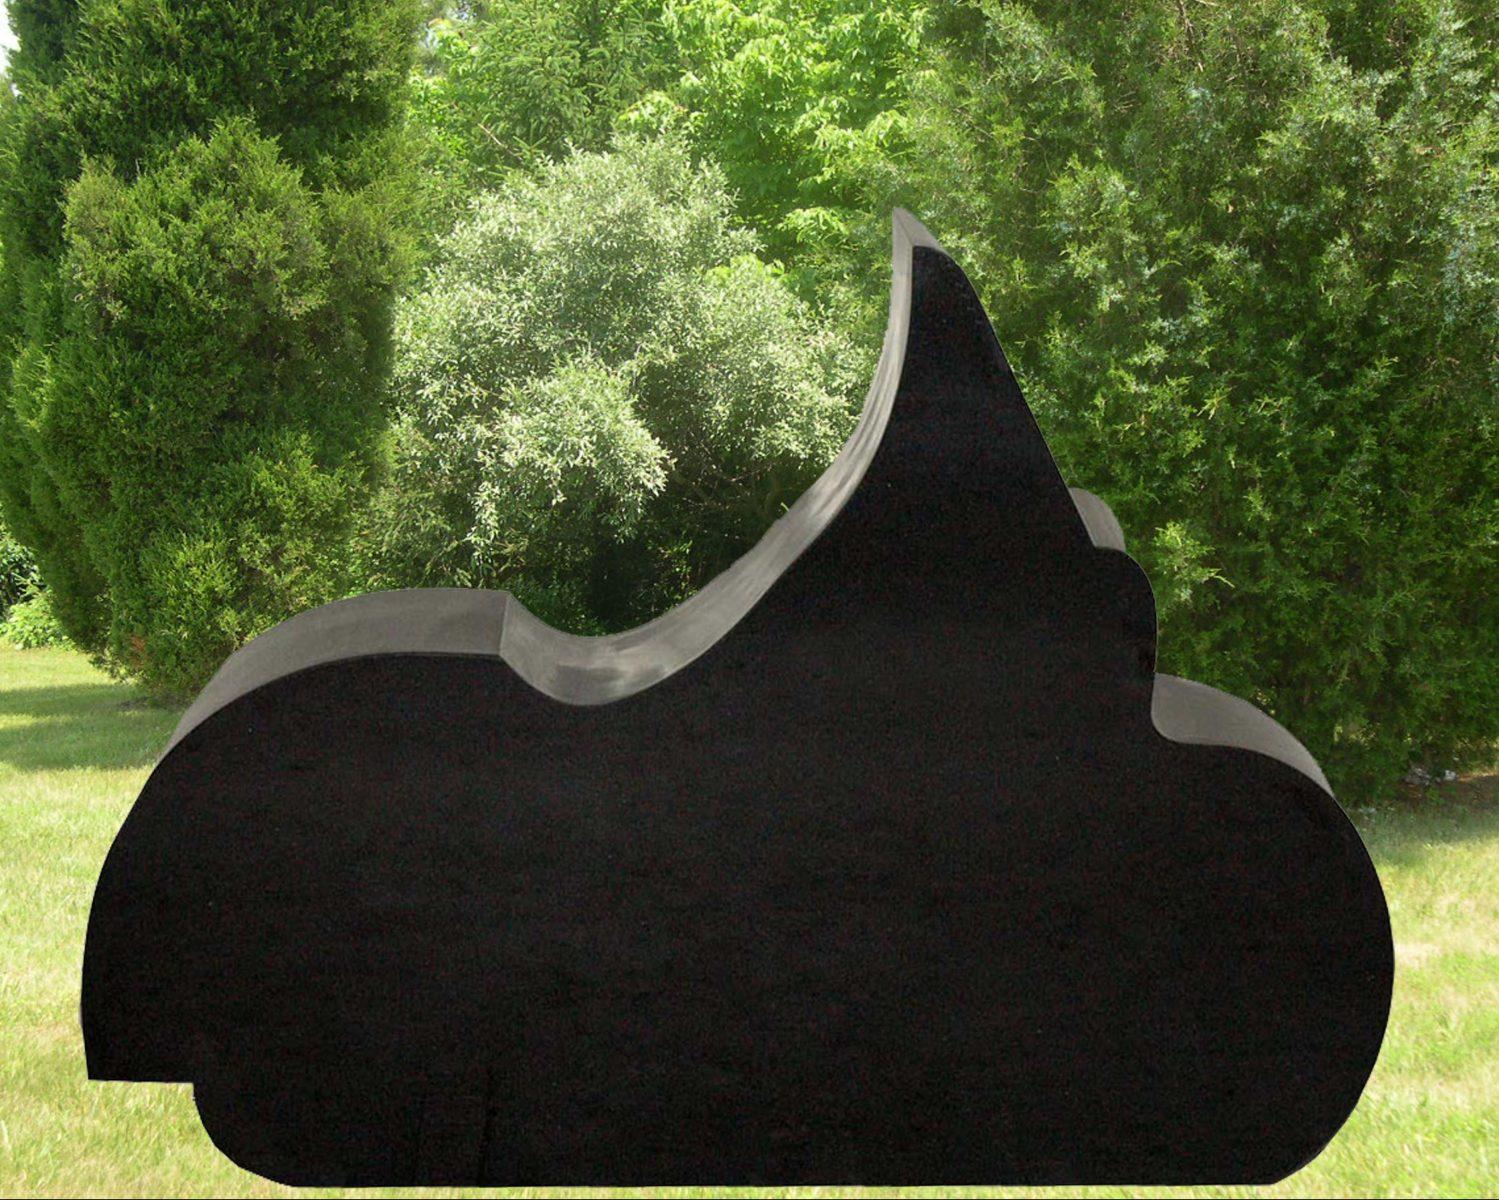 EG-12-3-351 / Jet Black / Bike Outline Memorial